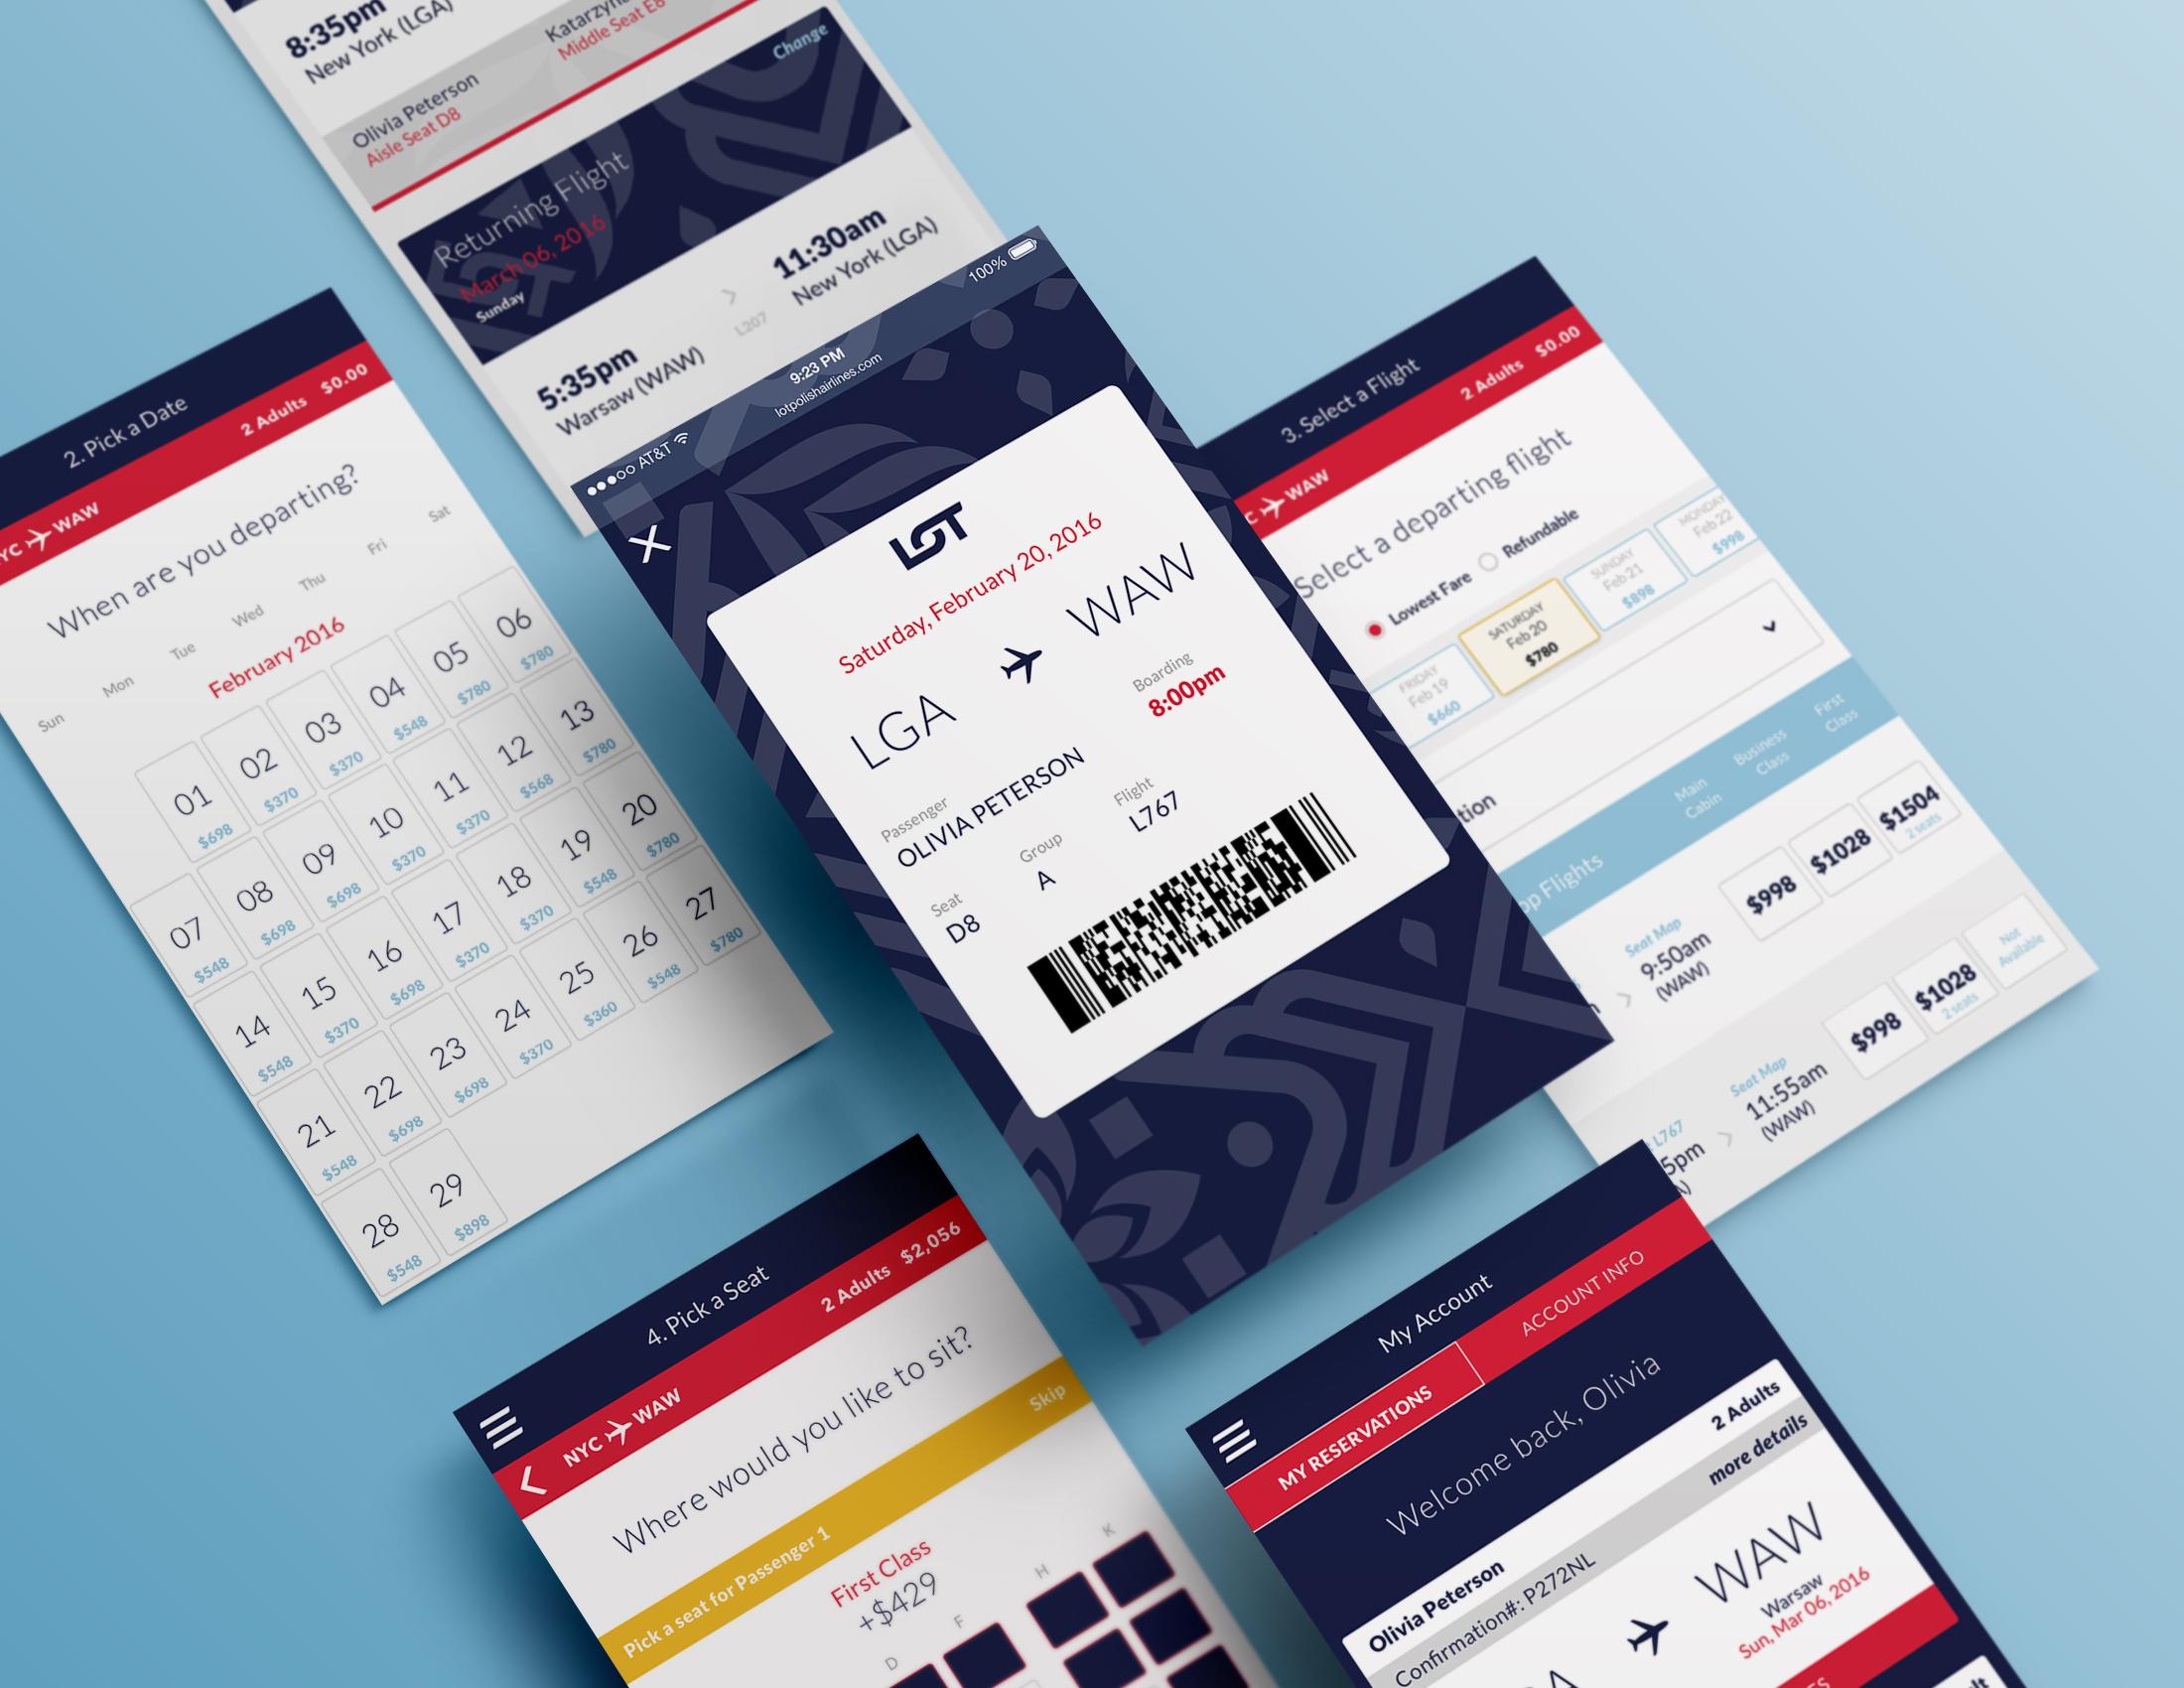 LOT_Mobile-screens.jpg